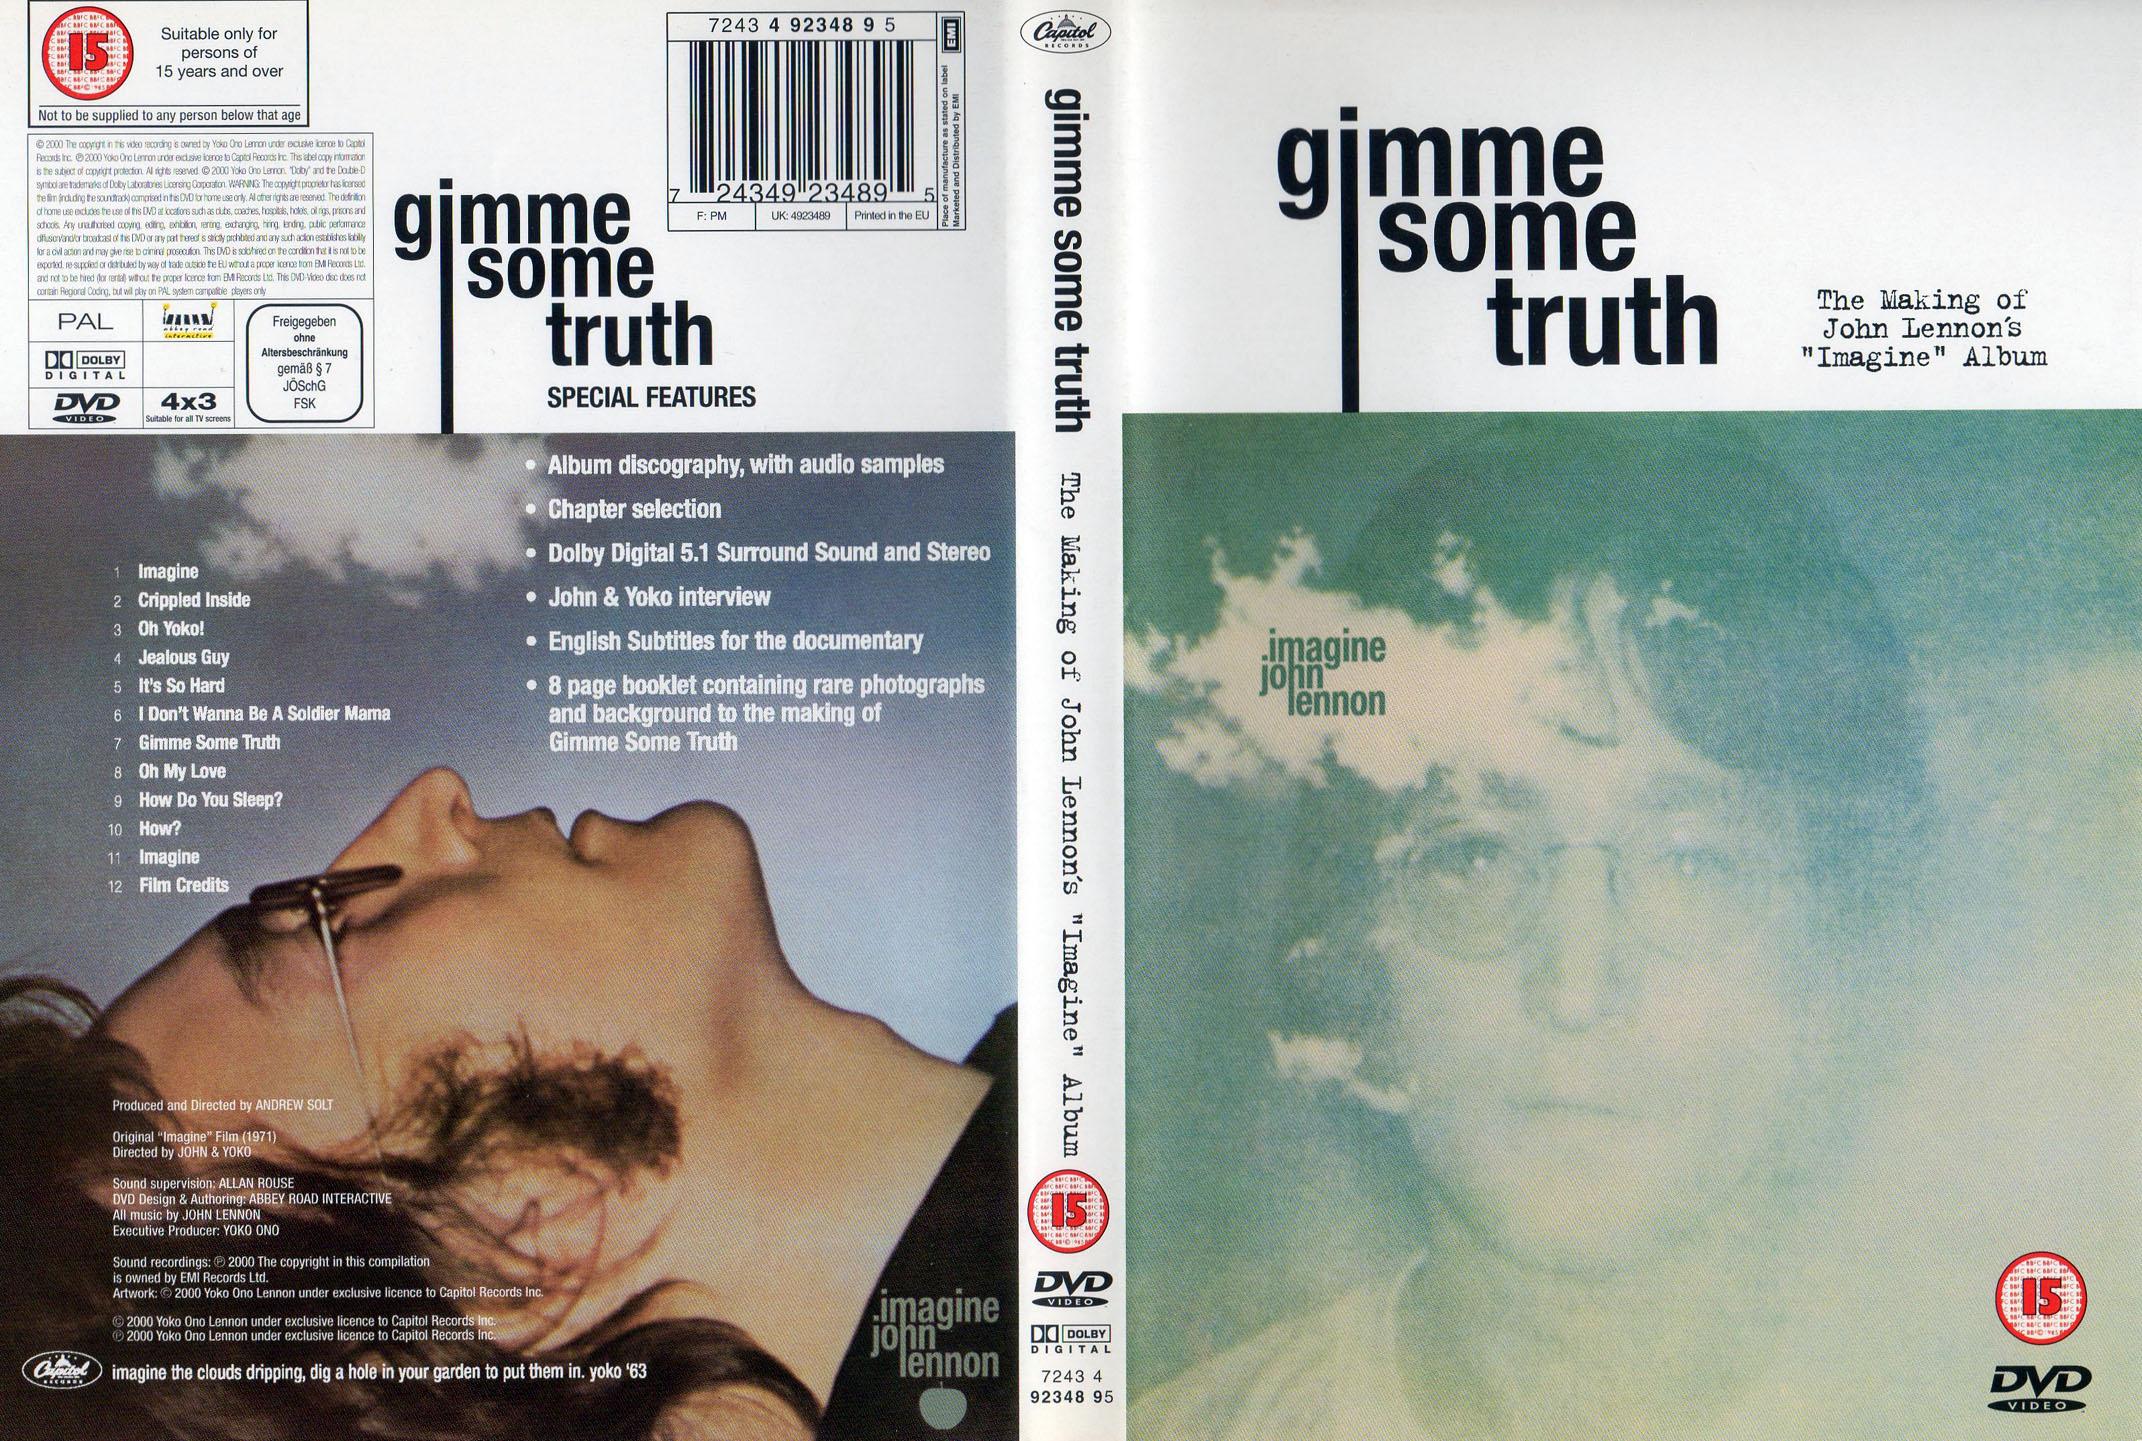 john_lennon-gimme_some_truth_the_making_of_john_lennon_s_imagine_album_(dvd)-Caratula.jpg